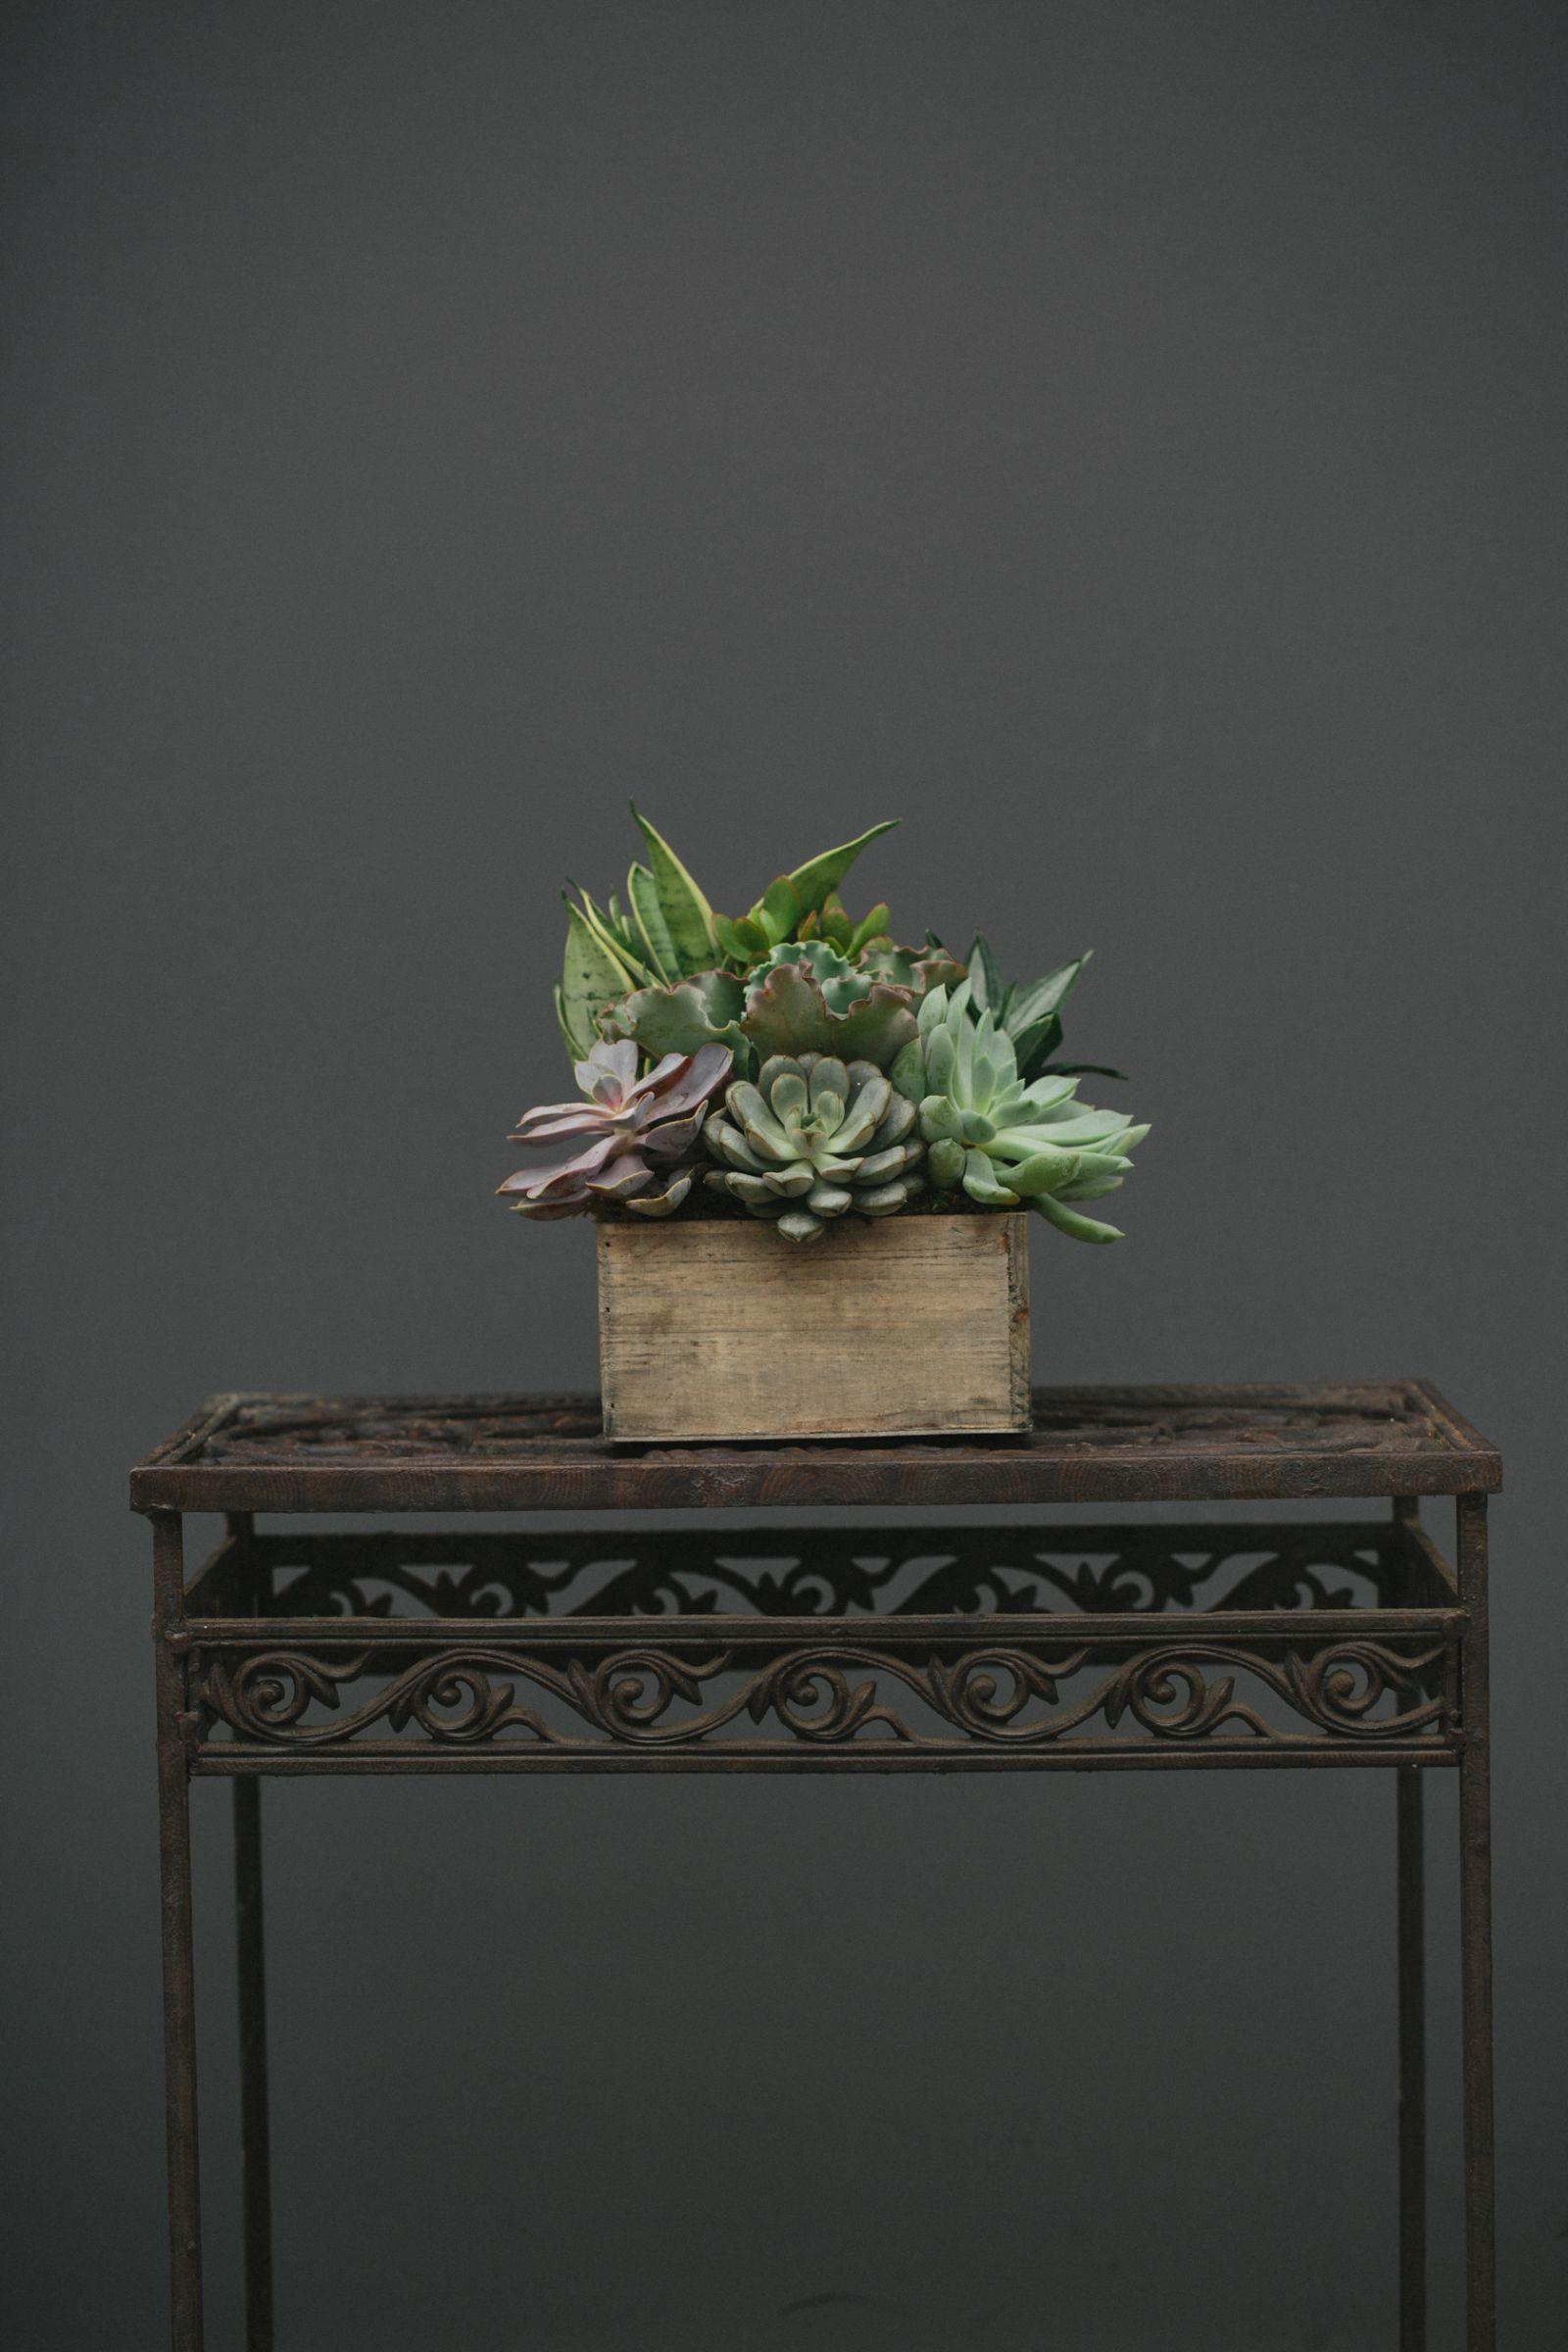 Medium, Compact Succulent Garden in Rustic Wooden Box